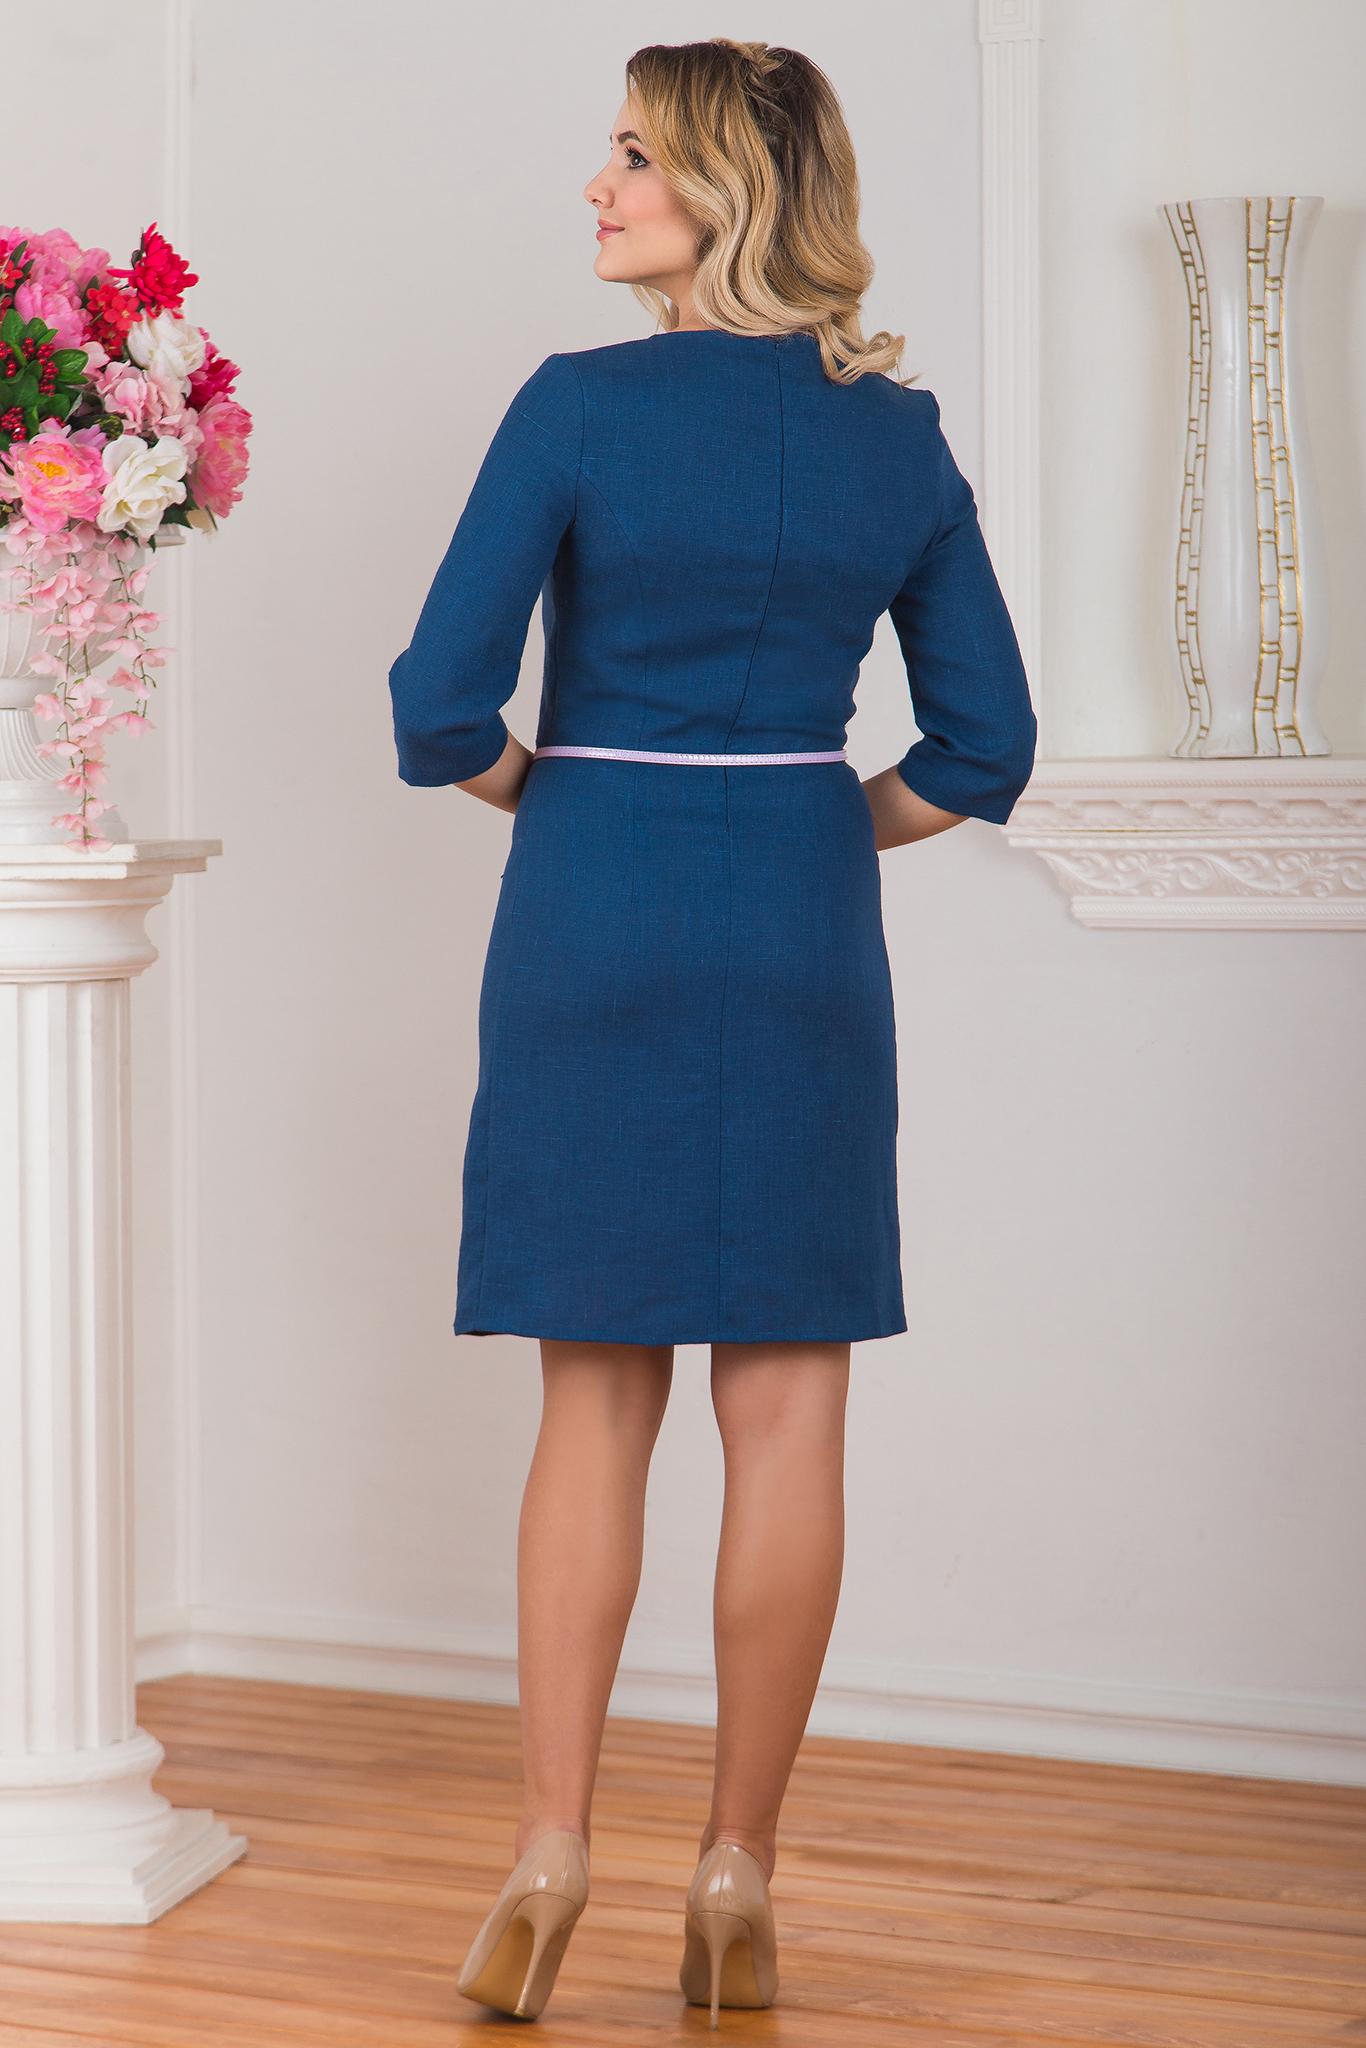 Платье льняное Катунь вид сзади